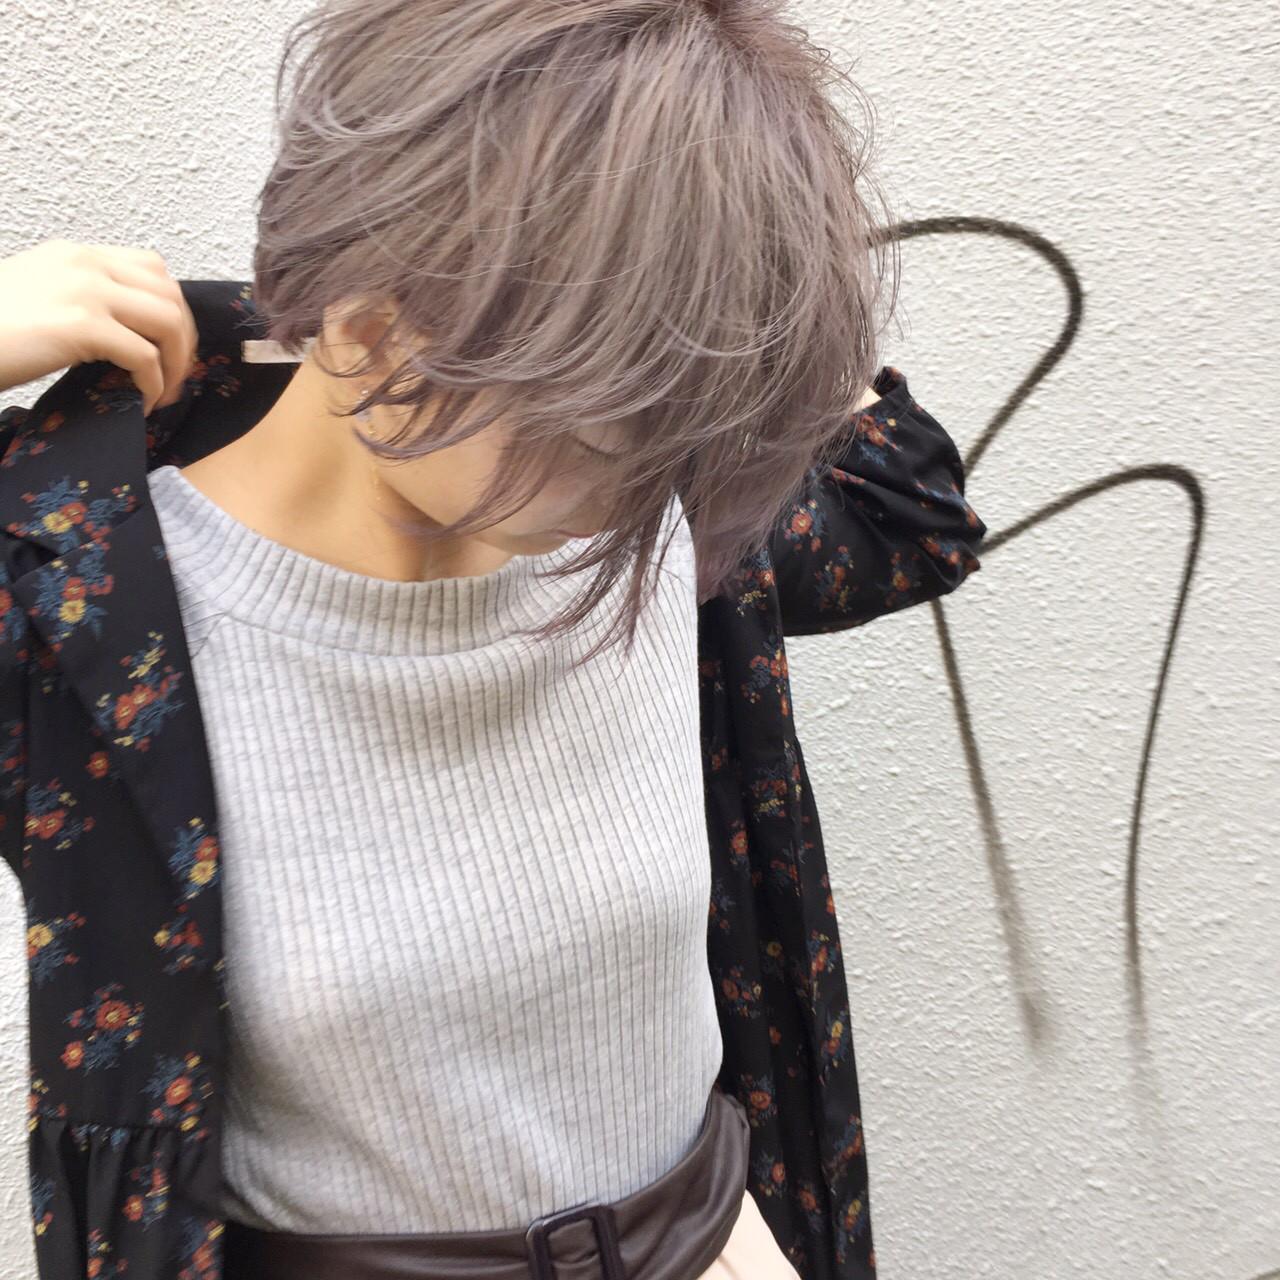 【髪型に迷う女子必見!】流行りの髪型でおしゃれ女子に変身♡の5枚目の画像